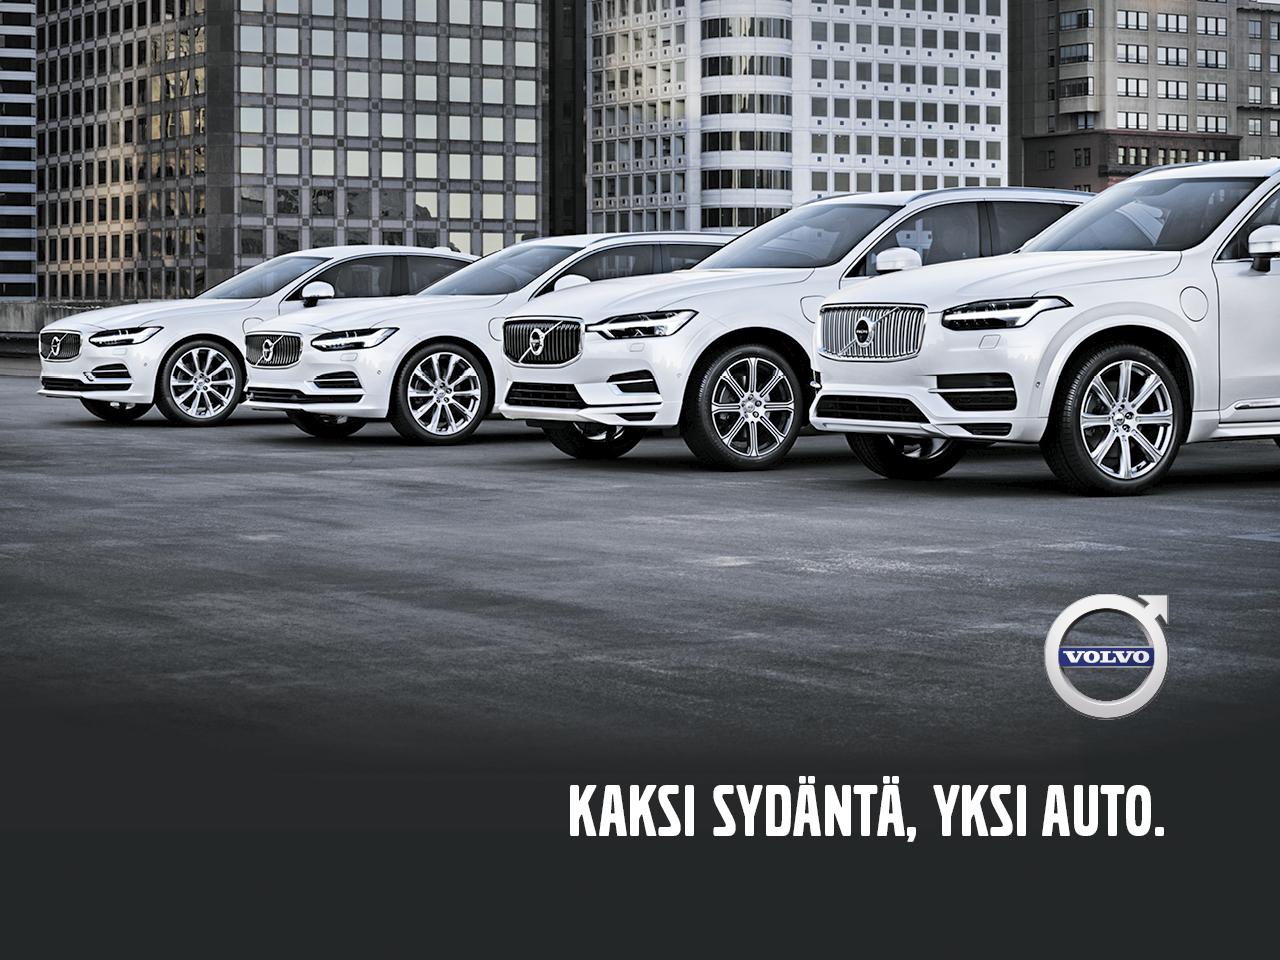 Onko sinun seuraava autosi hybridi?